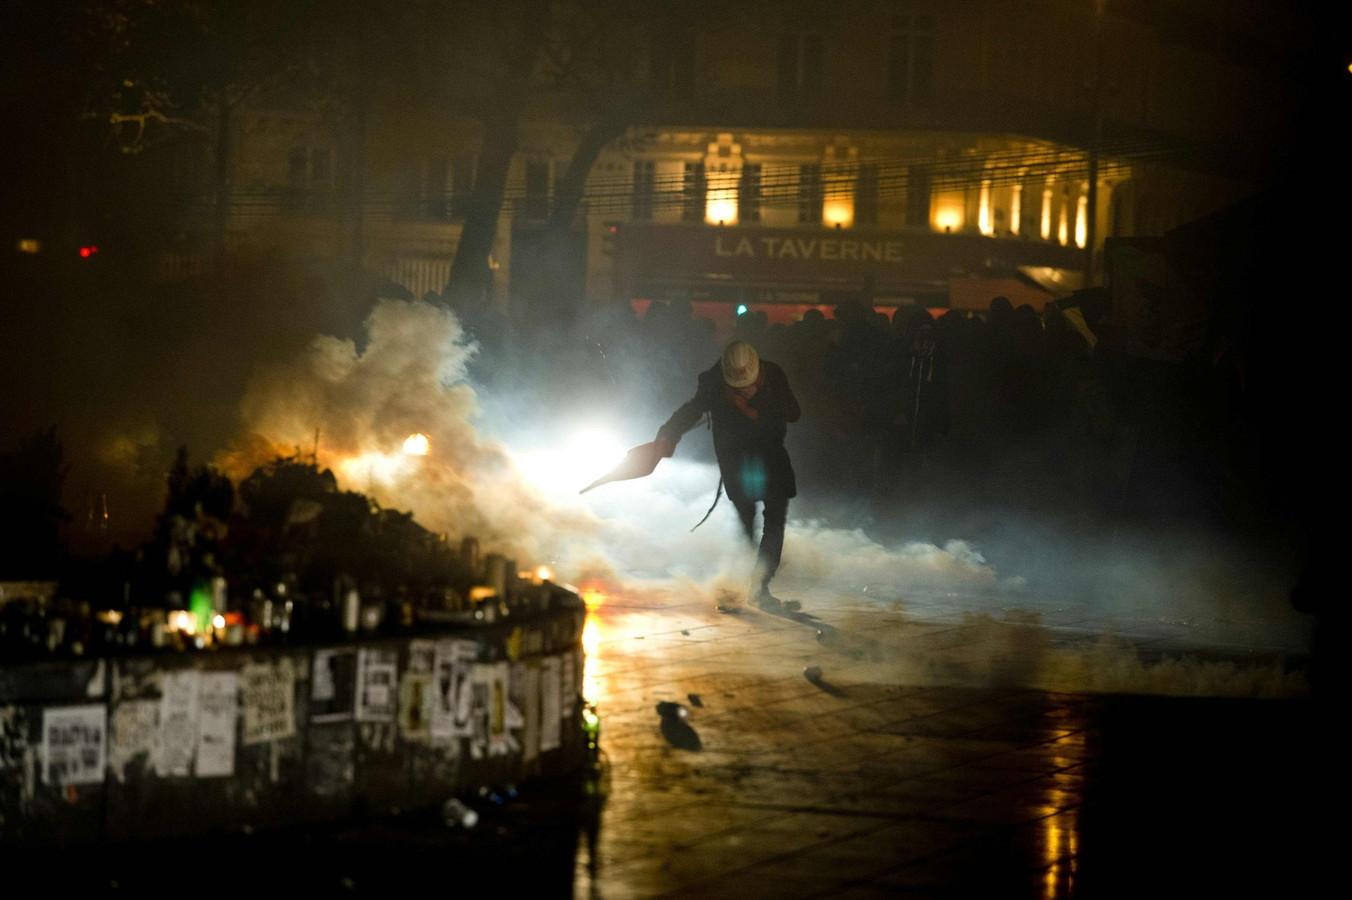 De uit de hand gelopen manifestatie in Parijs, donderdagavond